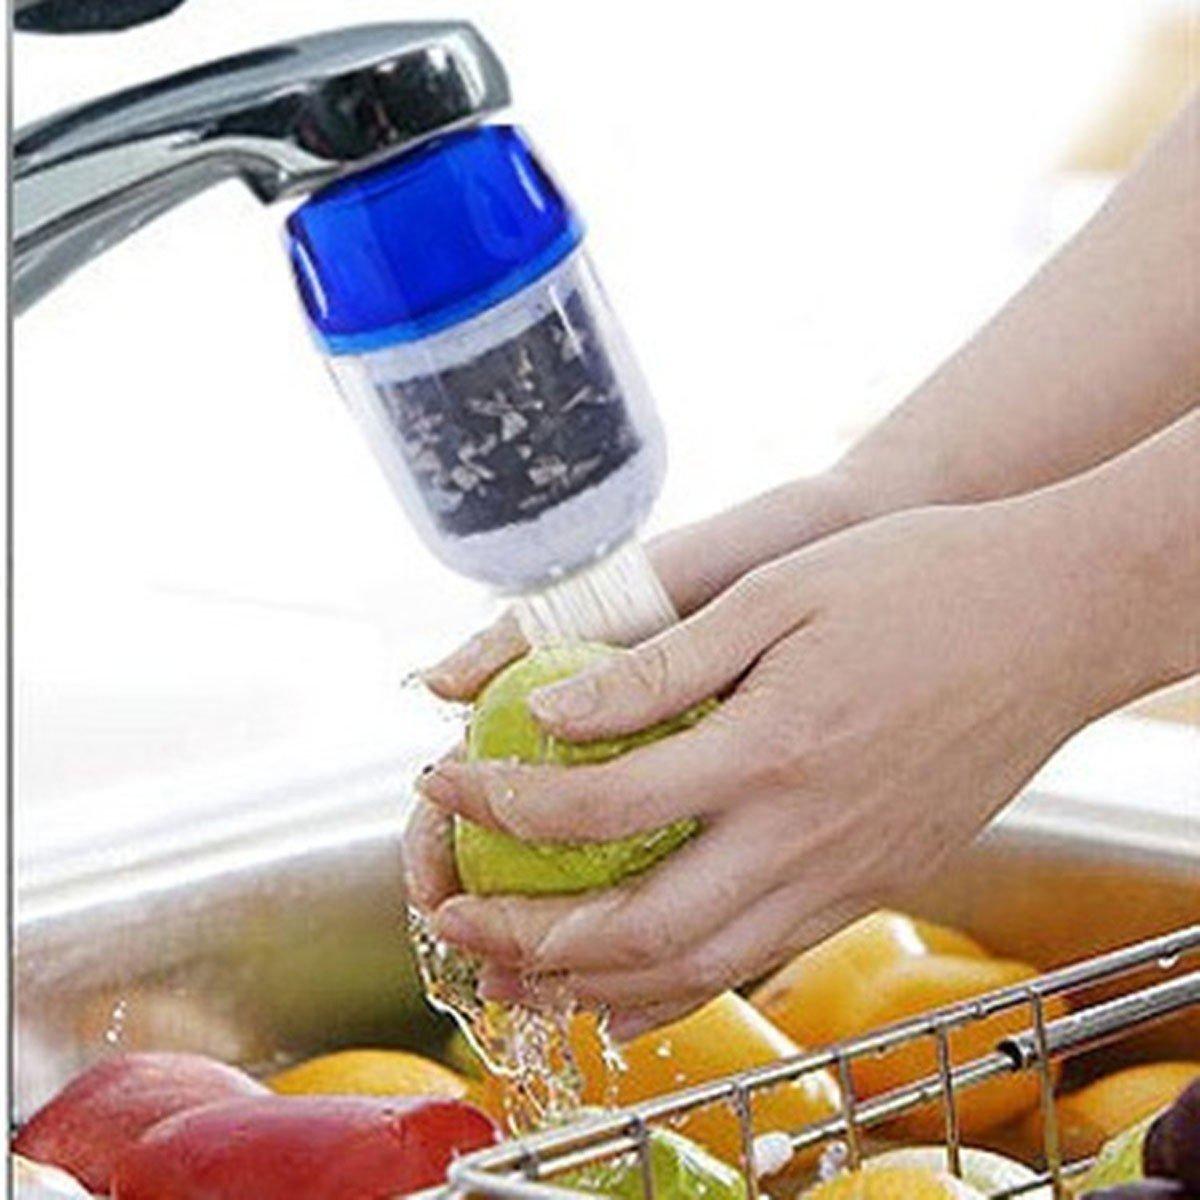 Vinallo Lot de 2/mini Charbon actif M/énage Maison Outil de robinet de cuisine purificateur deau propre cartouche de filtre de filtration robinet